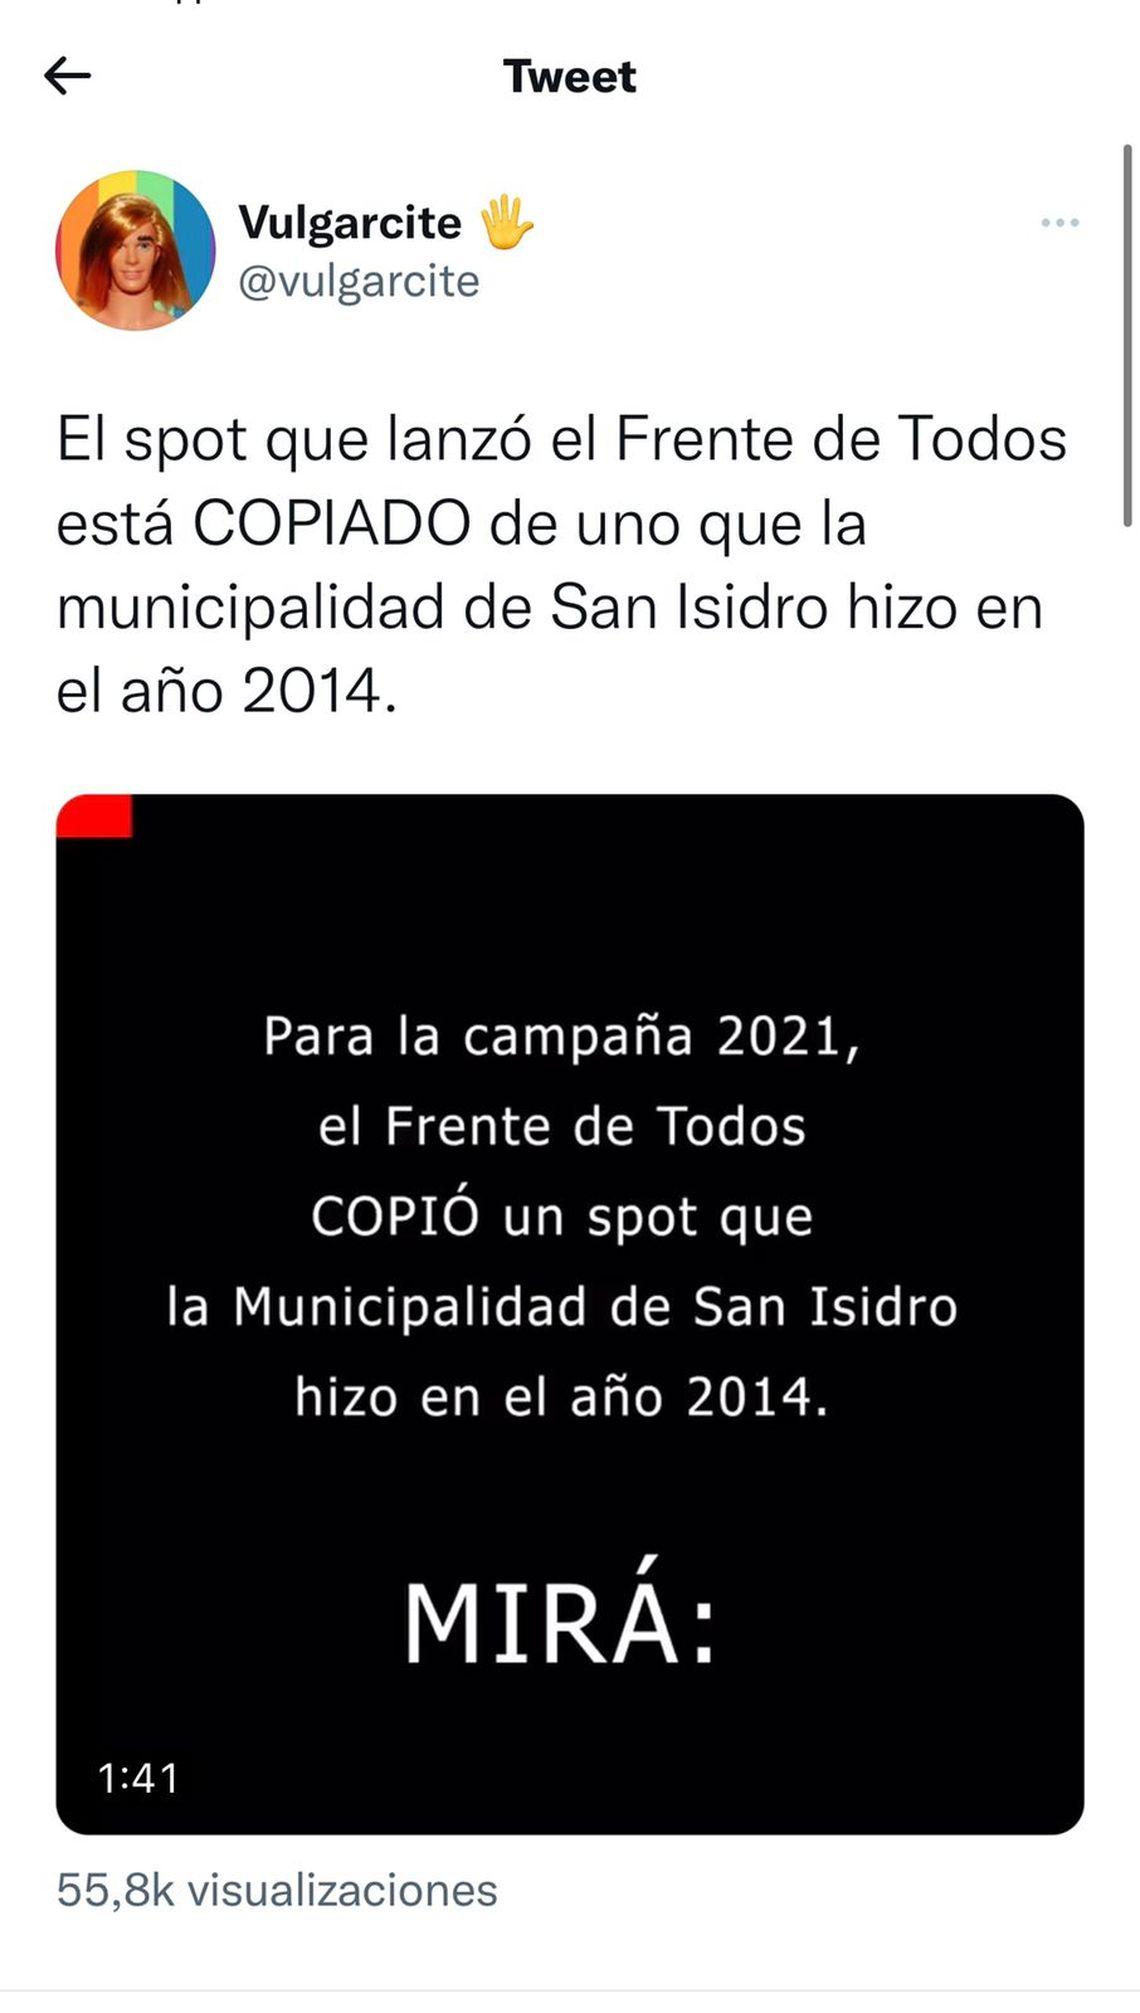 El spot que el Frente de Todos le copió a San Isidro